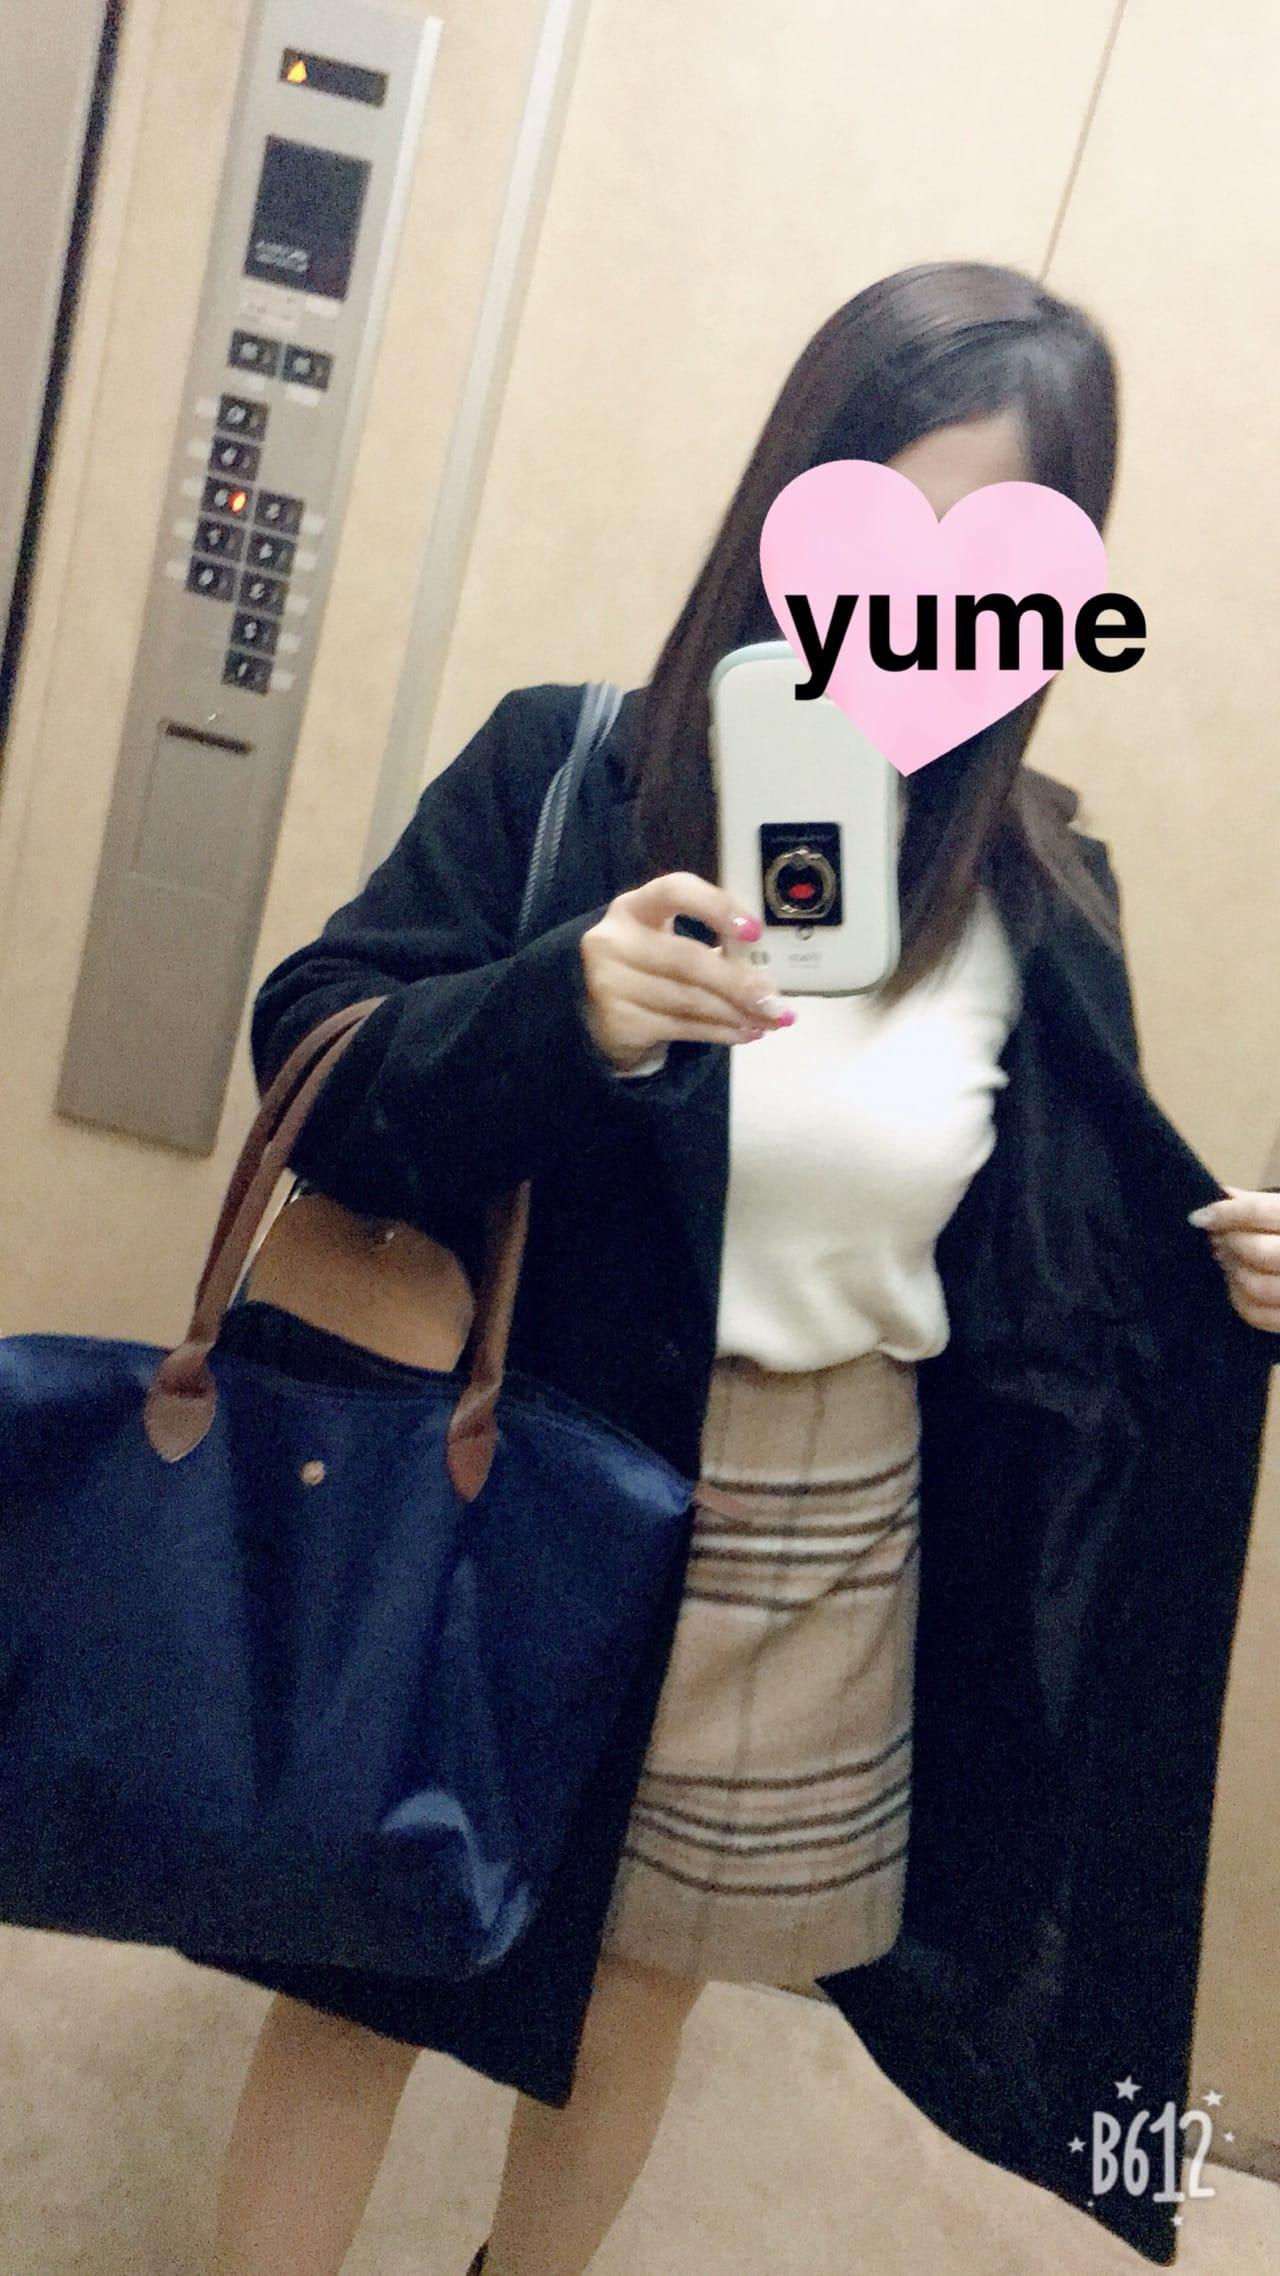 ゆめ「おれい♡新規様♡」02/25(日) 00:37 | ゆめの写メ・風俗動画